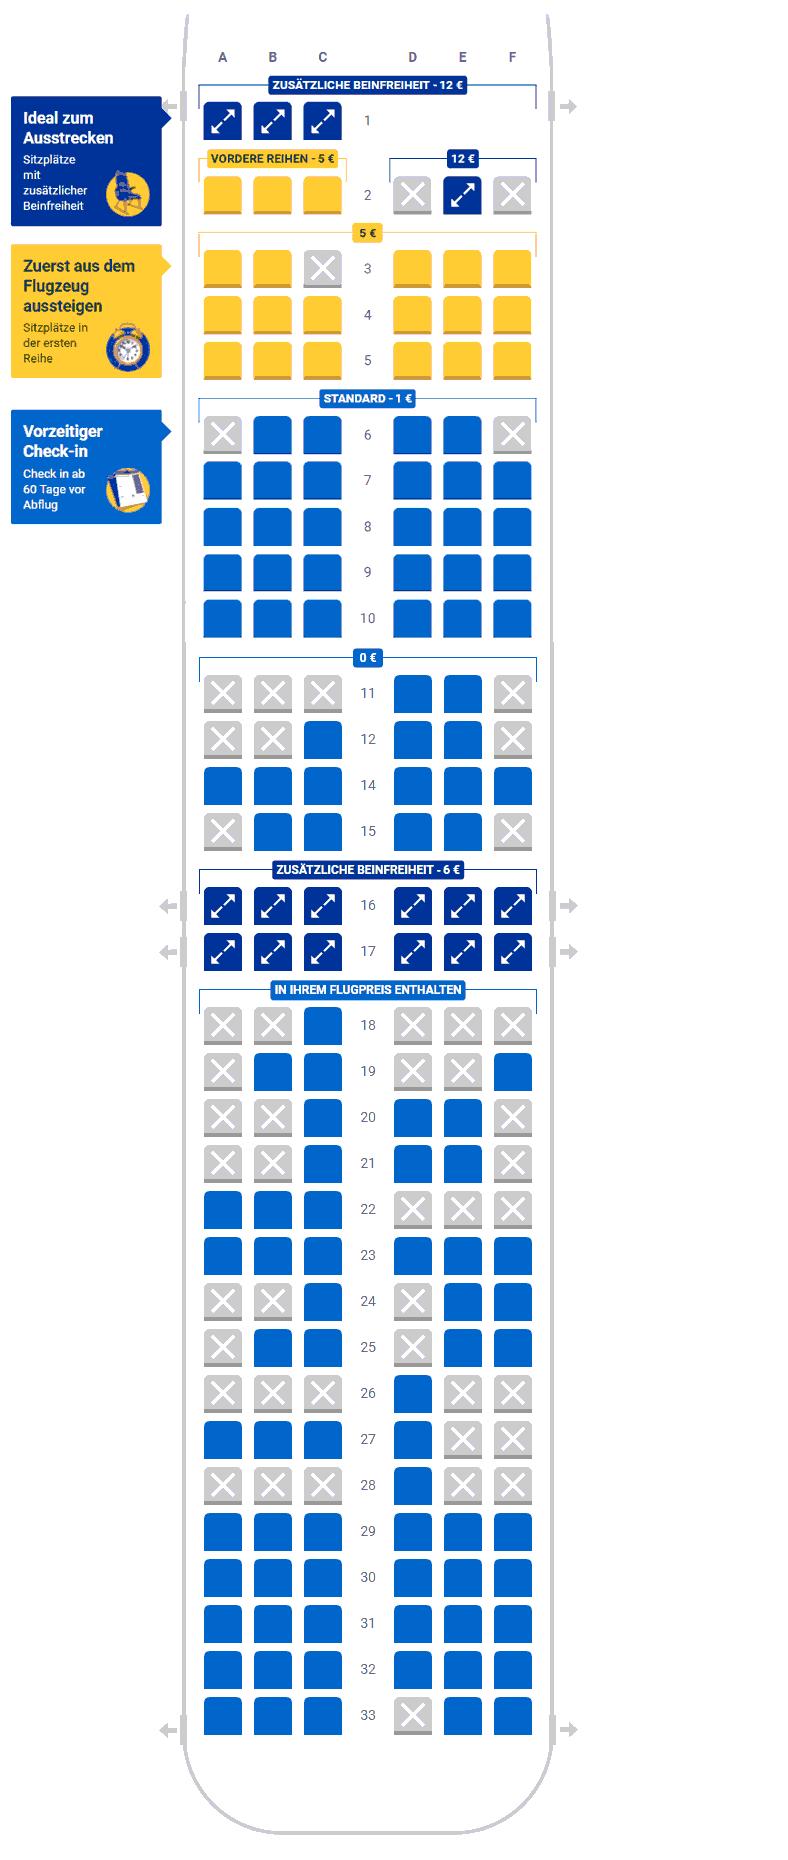 Sitzplatzwahl bei Ryanair